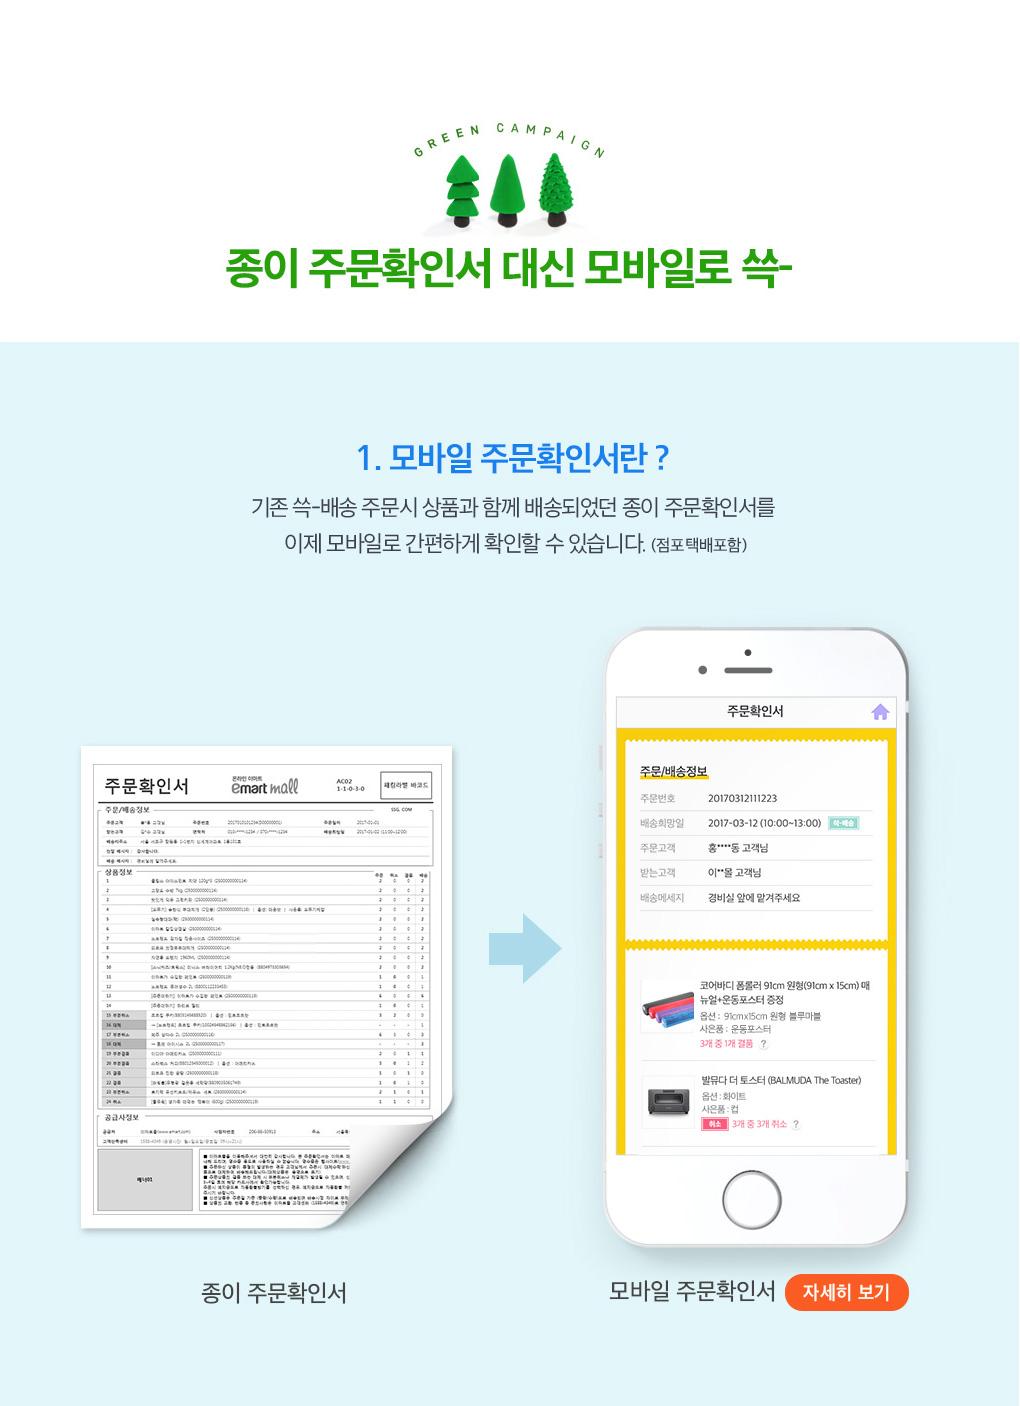 쓱-배송 상품 주문시 결제하기 페이지에서 선택 가능합니다. 모바일 주문확인서는 기본으로 발송되며, 종이 주문확인서는 추가로 선택 가능합니다.